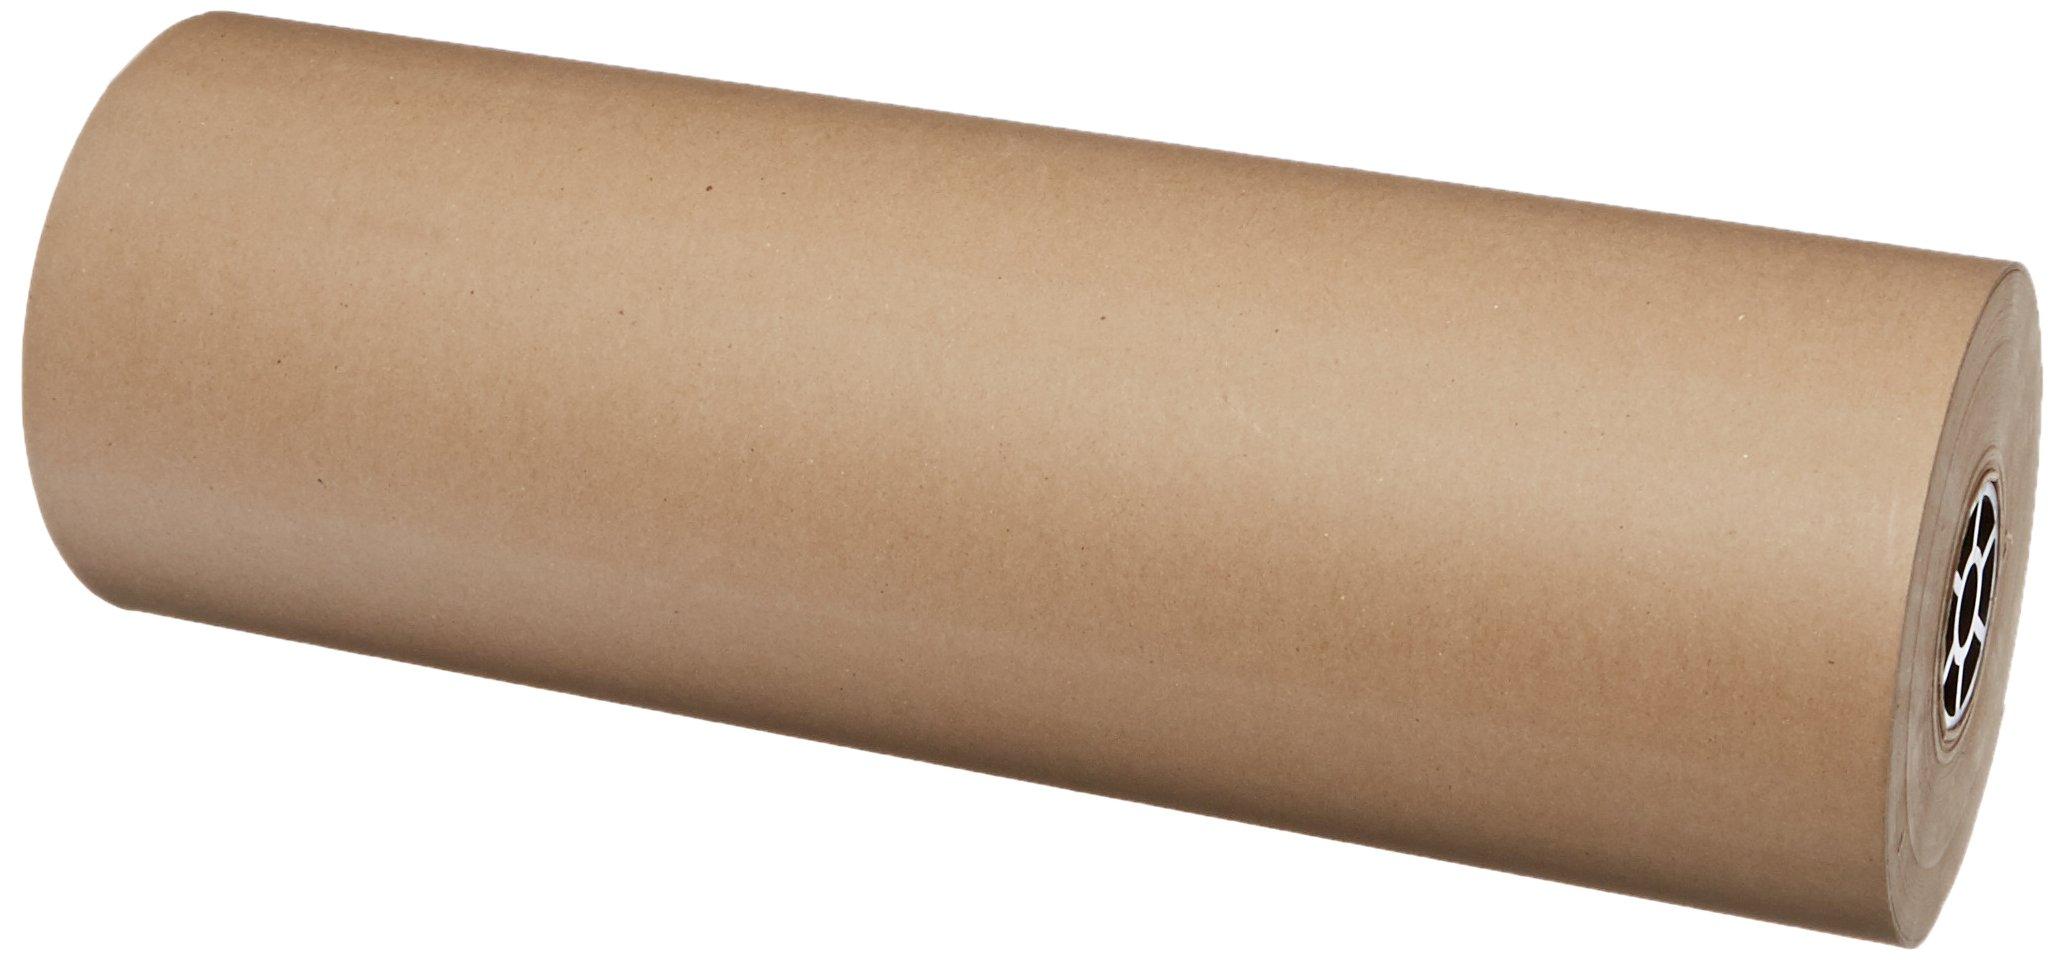 Boardwalk K2440900 Kraft Paper, 24 in x 900 ft, Brown by Boardwalk